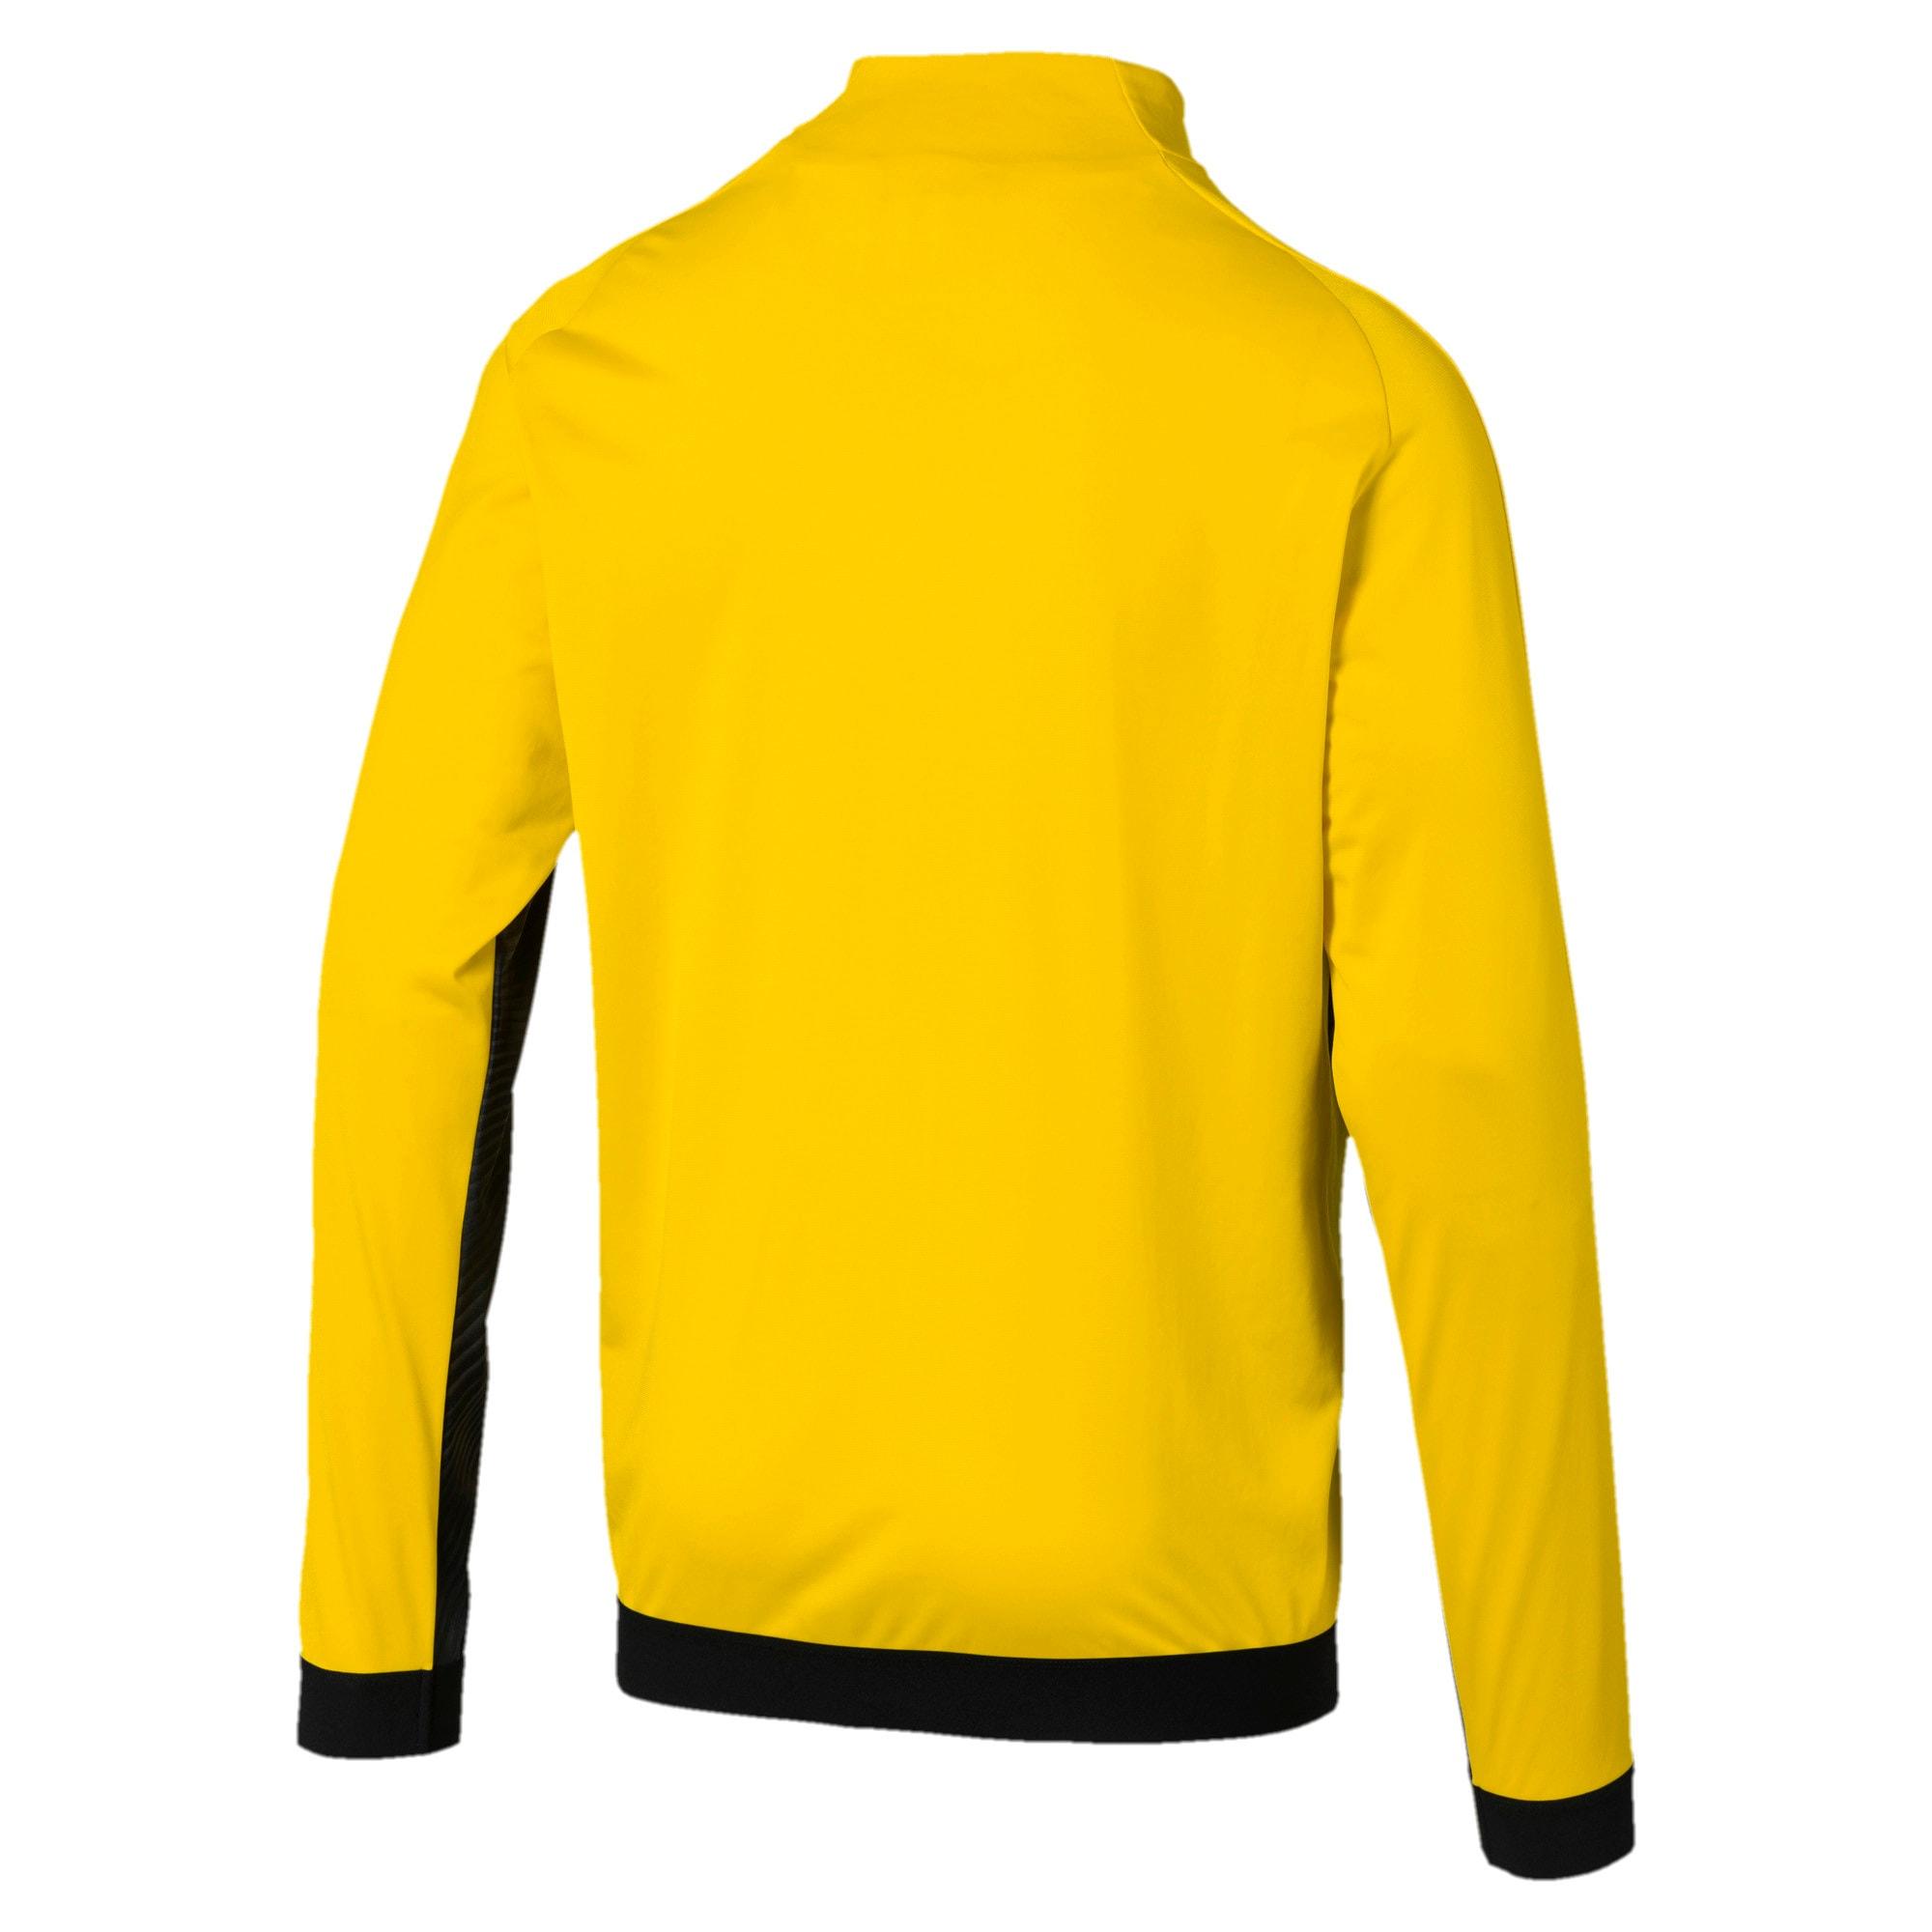 Thumbnail 2 of BVB Men's League Stadium Jacket, Cyber Yellow-Puma Black, medium